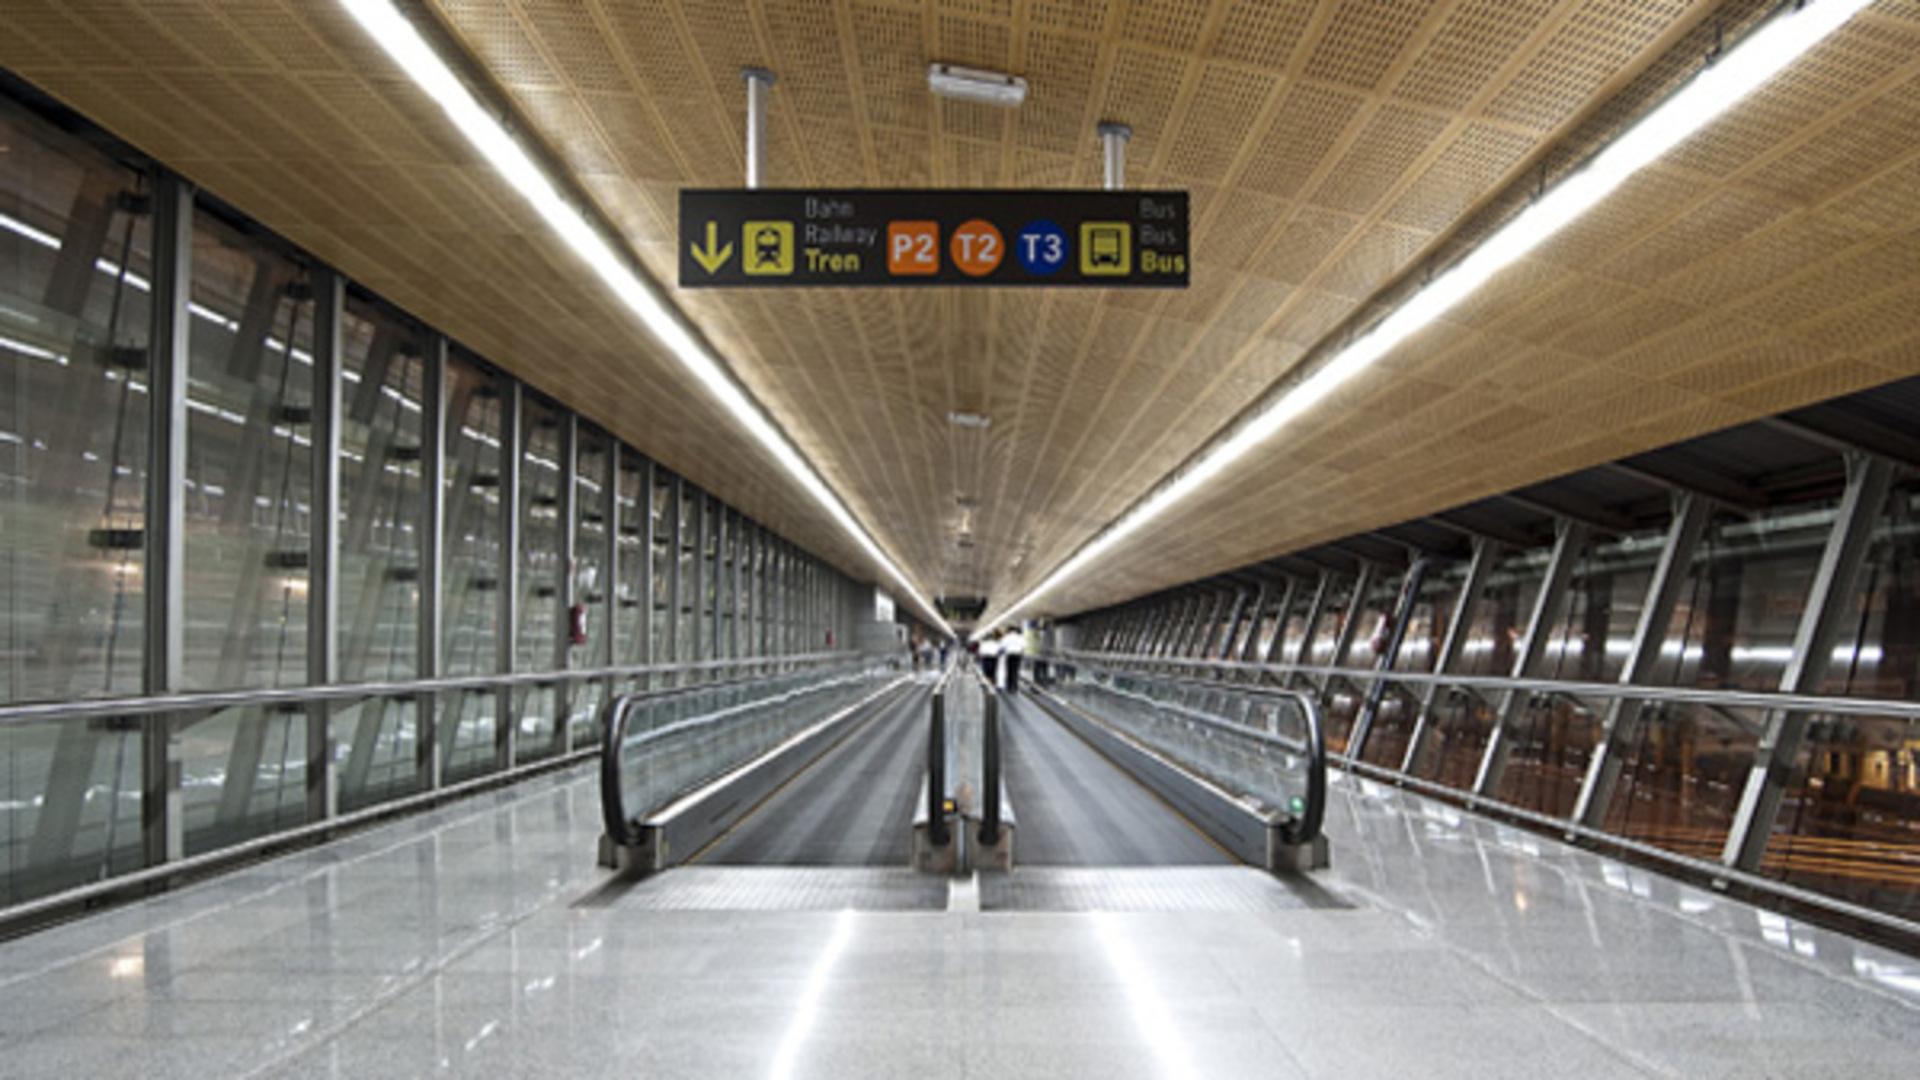 IATA prevé reanudación de vuelos intercontinentales en el último trimestre del año